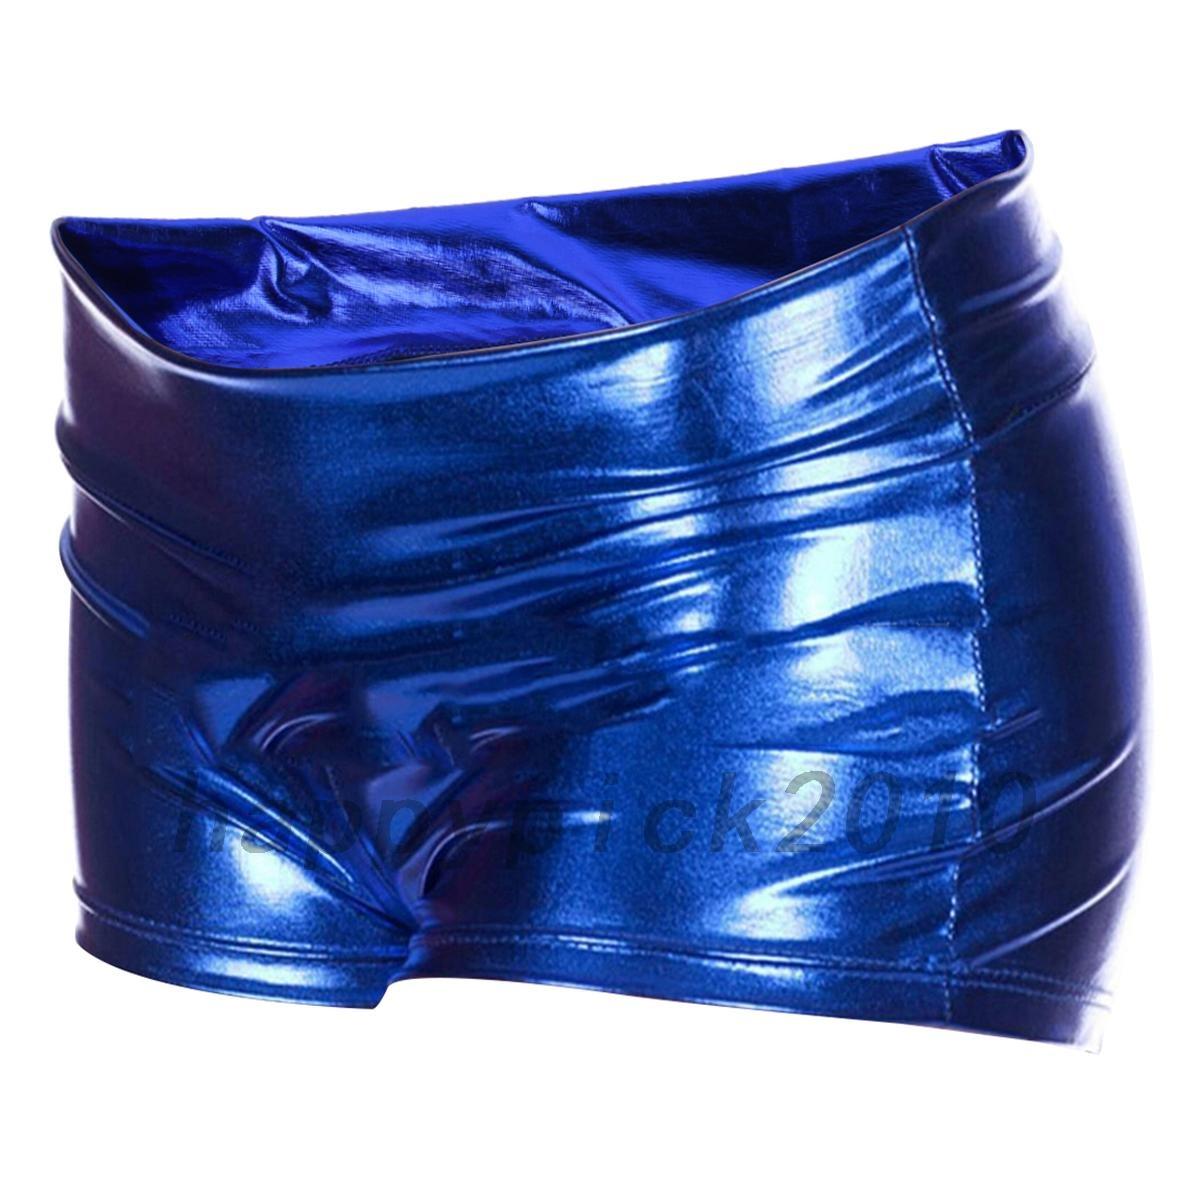 Leggings Pantalones cortos señoras Rojo Azul Metálico Traje Brillante Look discoteca Wet look de fiesta